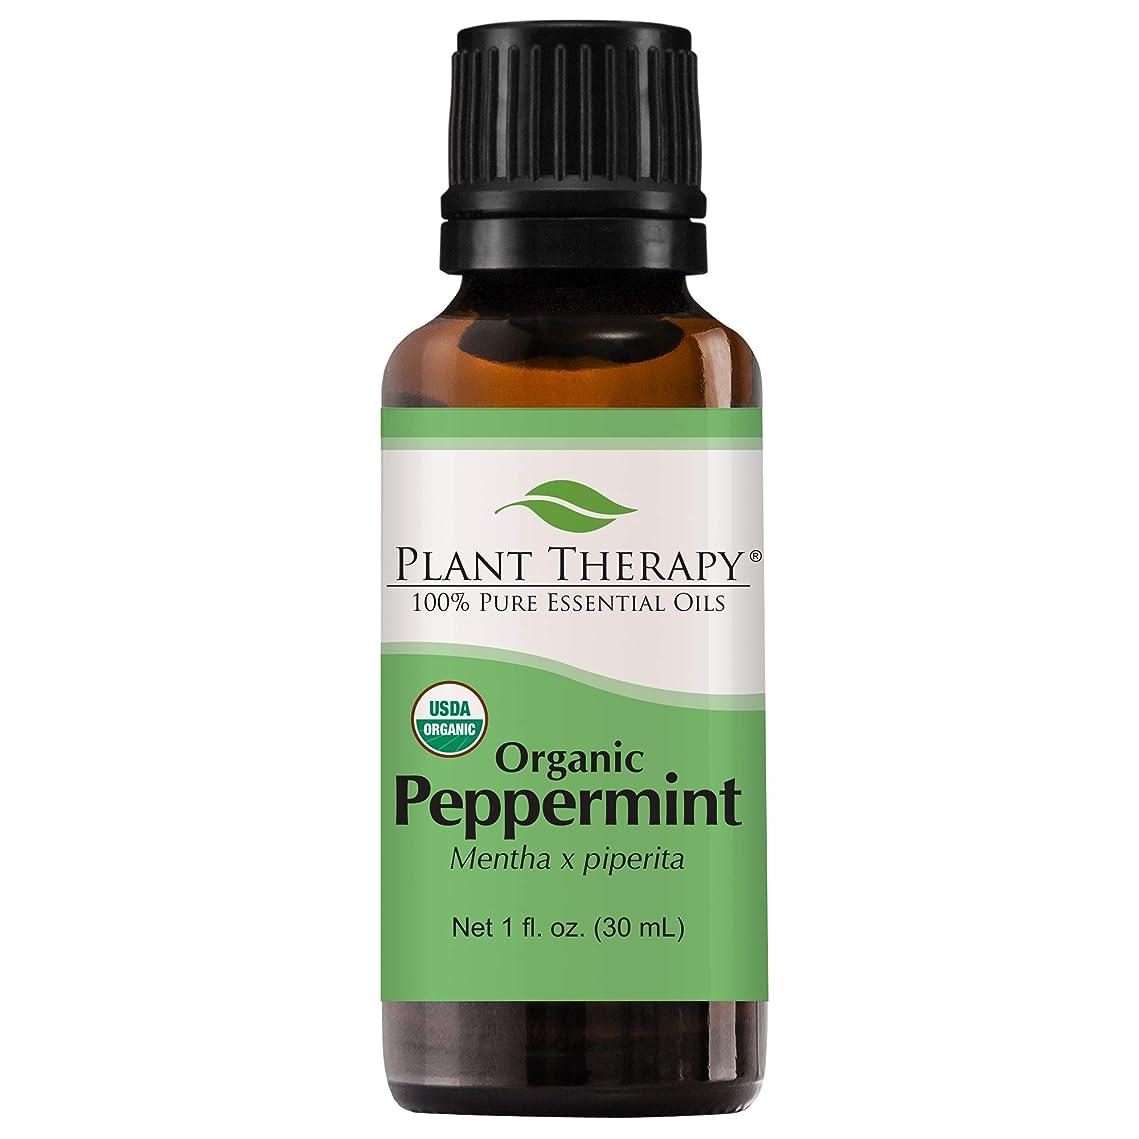 貫通する脊椎アトラス植物セラピーUSDA認定オーガニックペパーミントエッセンシャルオイル。 100%ピュア、希釈していない、治療グレード。 30mLの(1オンス)。